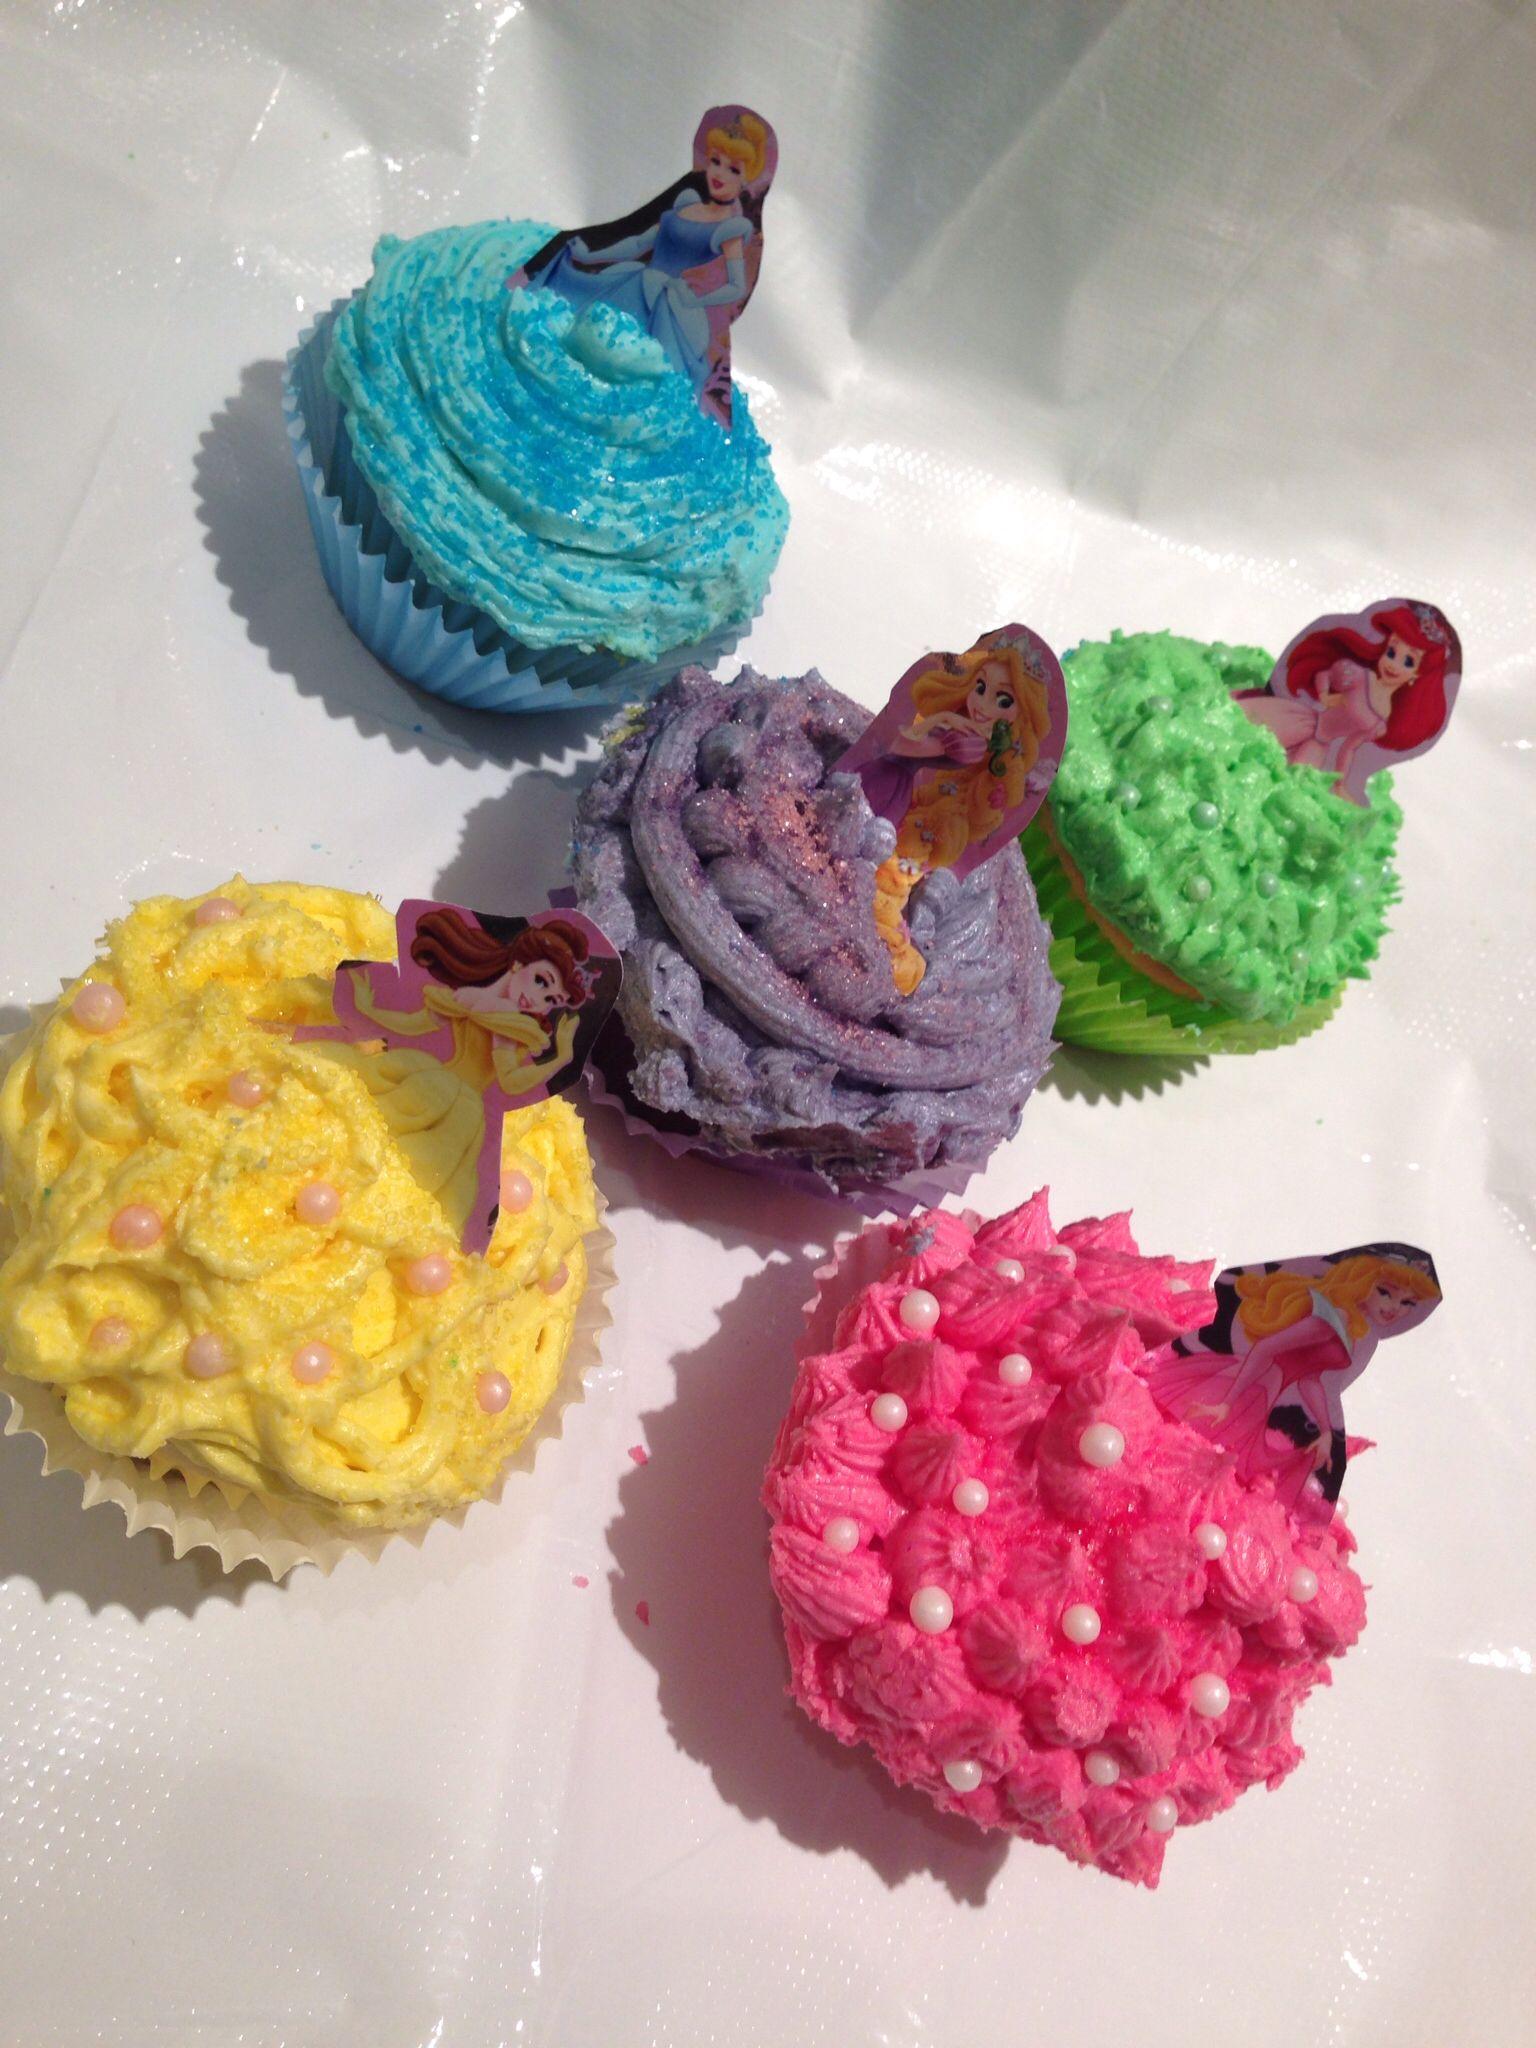 Disney princess cupcakes birthday cake kids diy